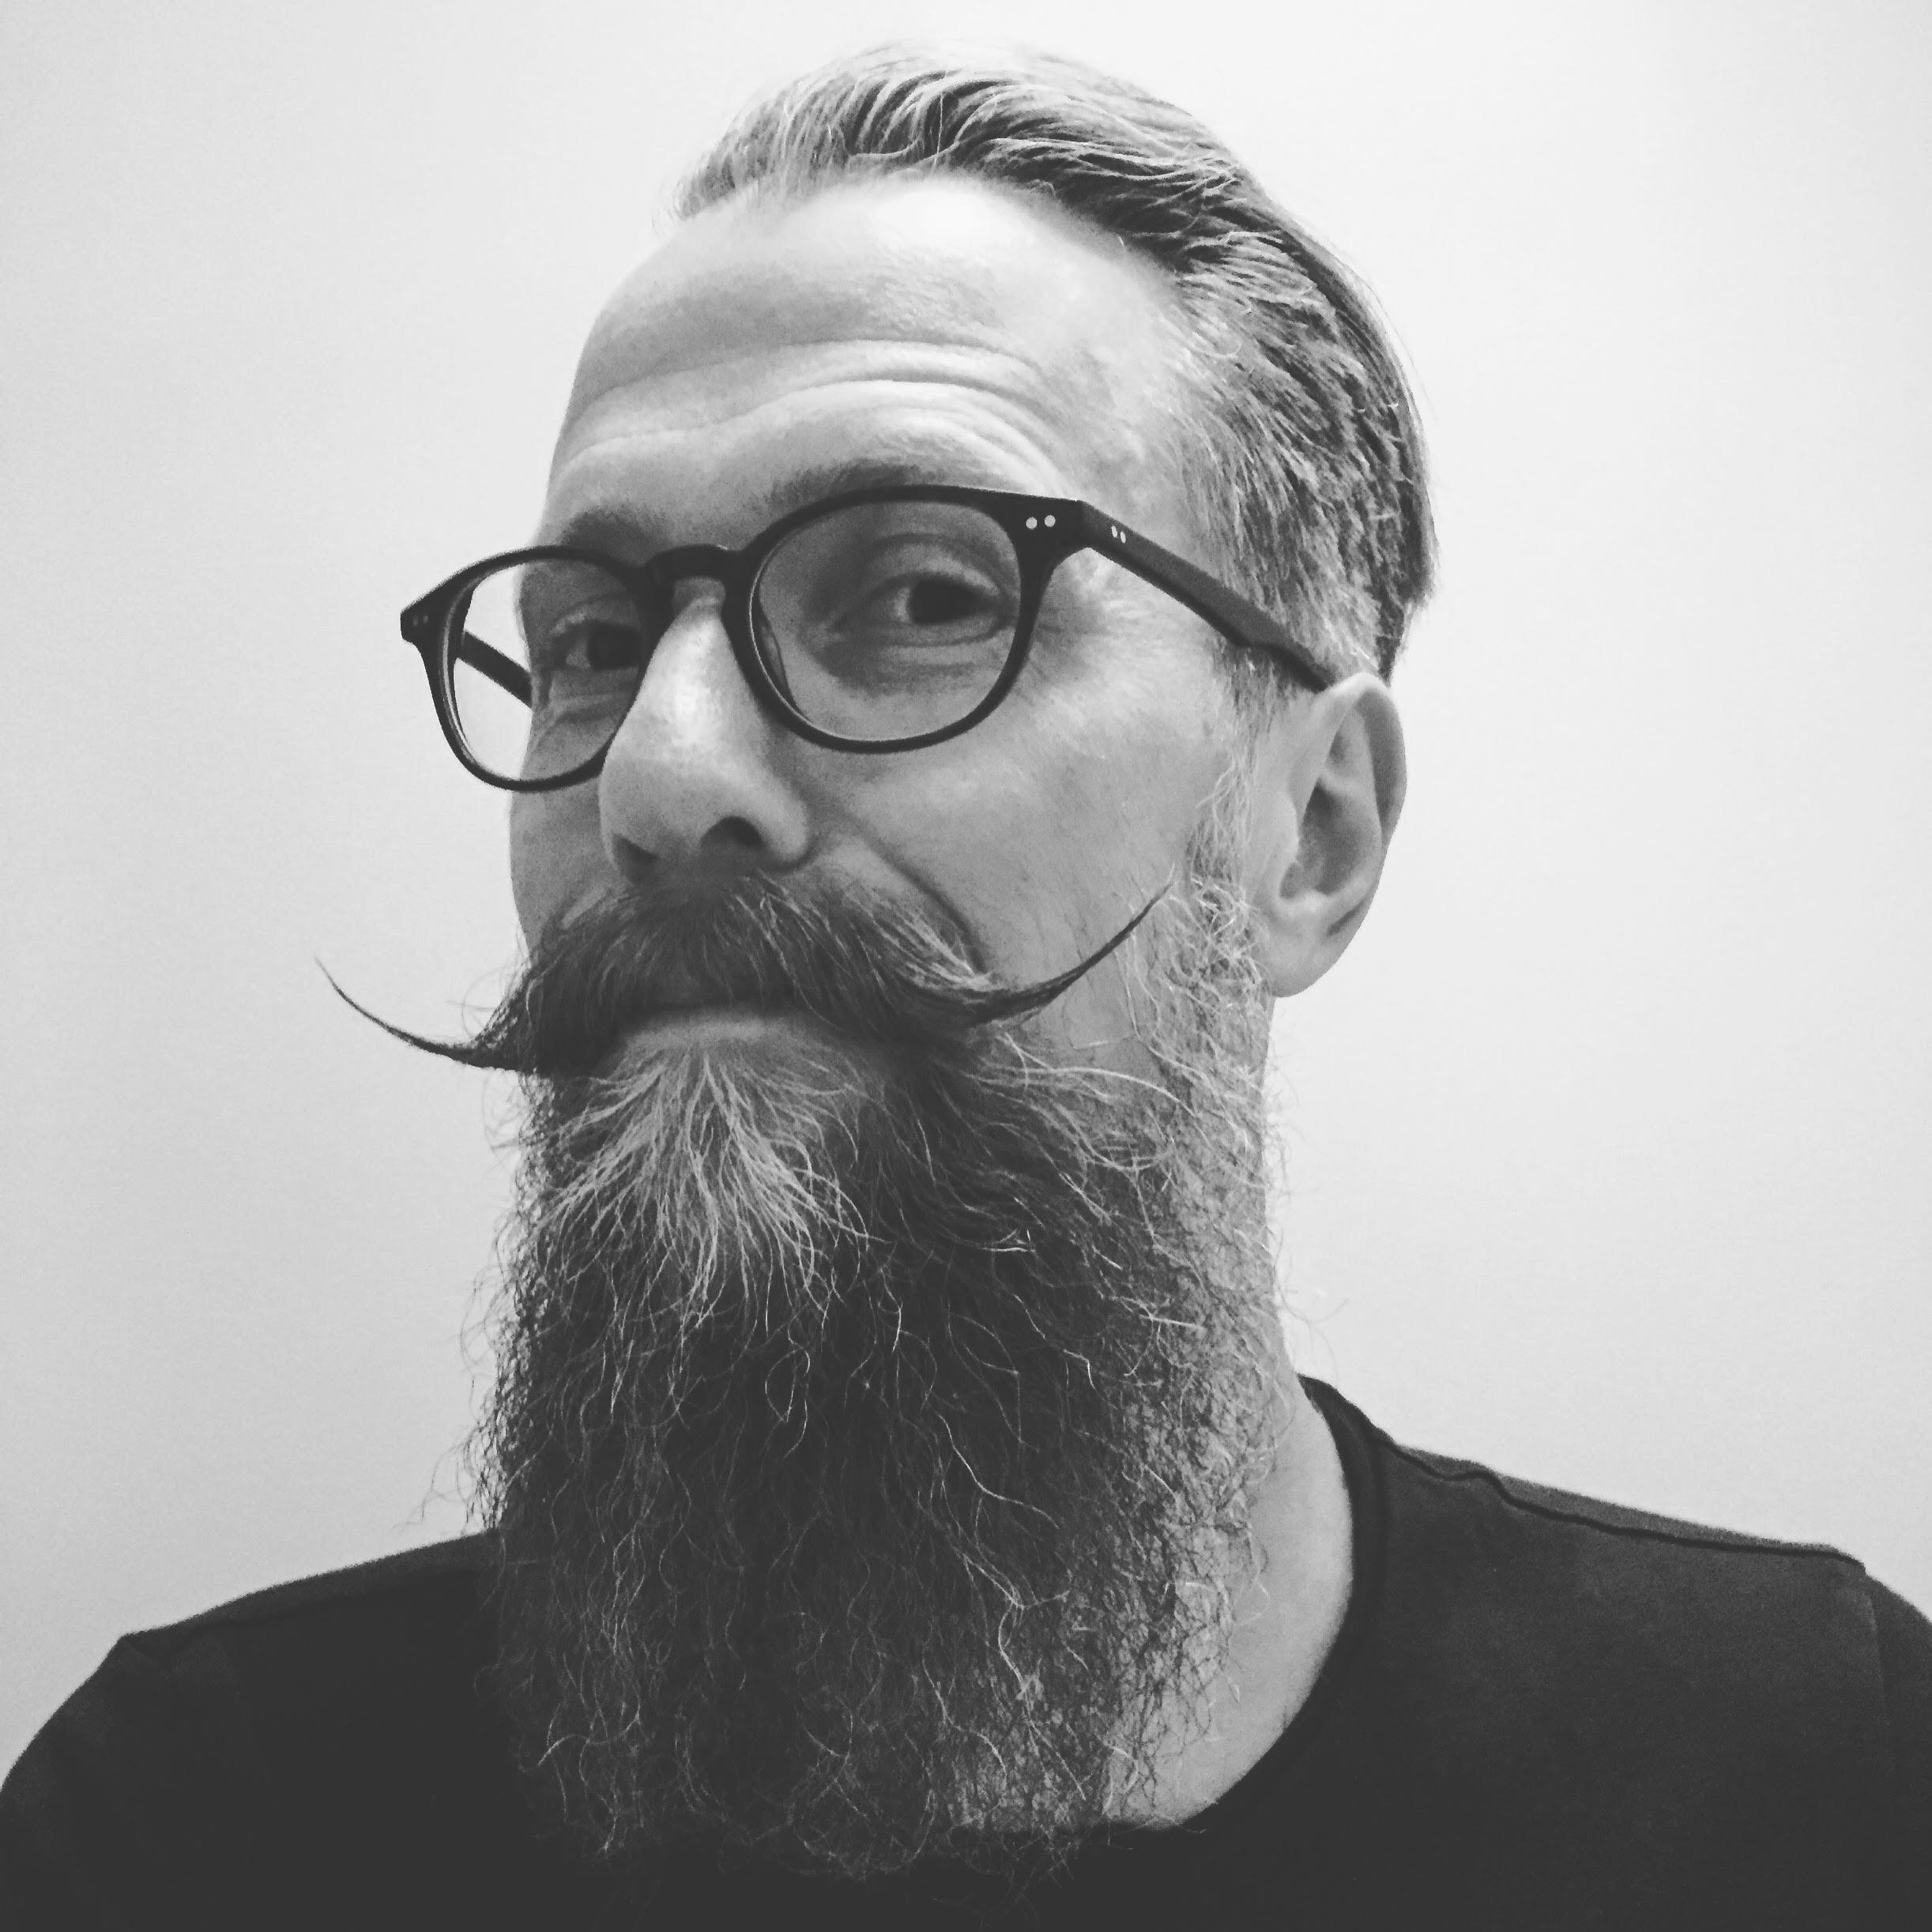 hvordan få skjegg til å gro raskere